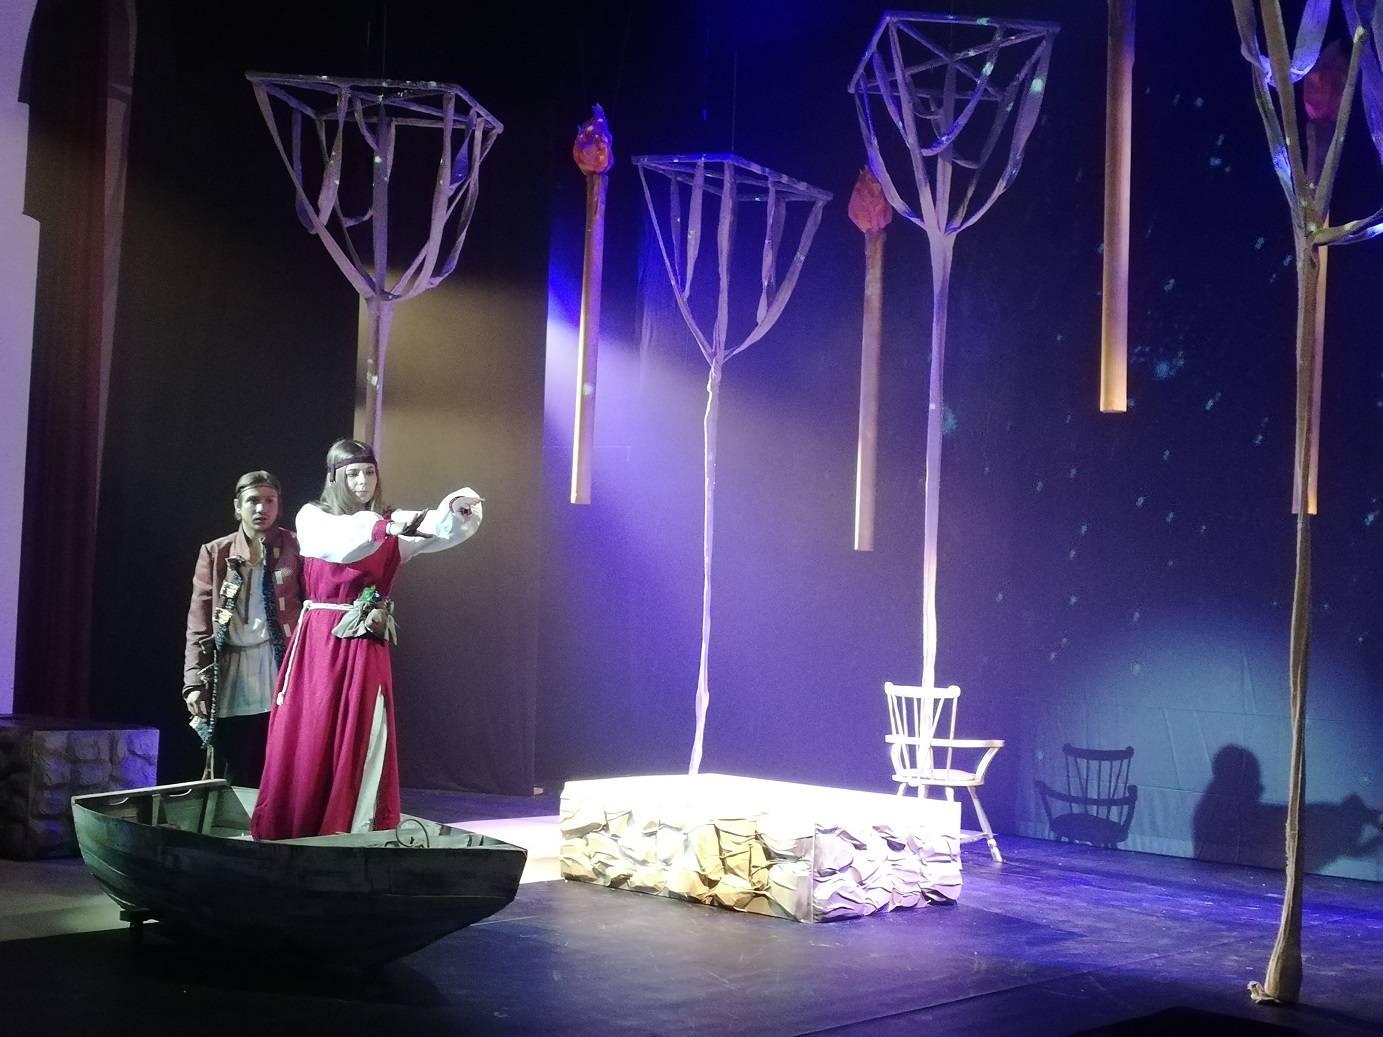 Фонд «Милосердие» поддержал театральный проект о Петре и Февронии